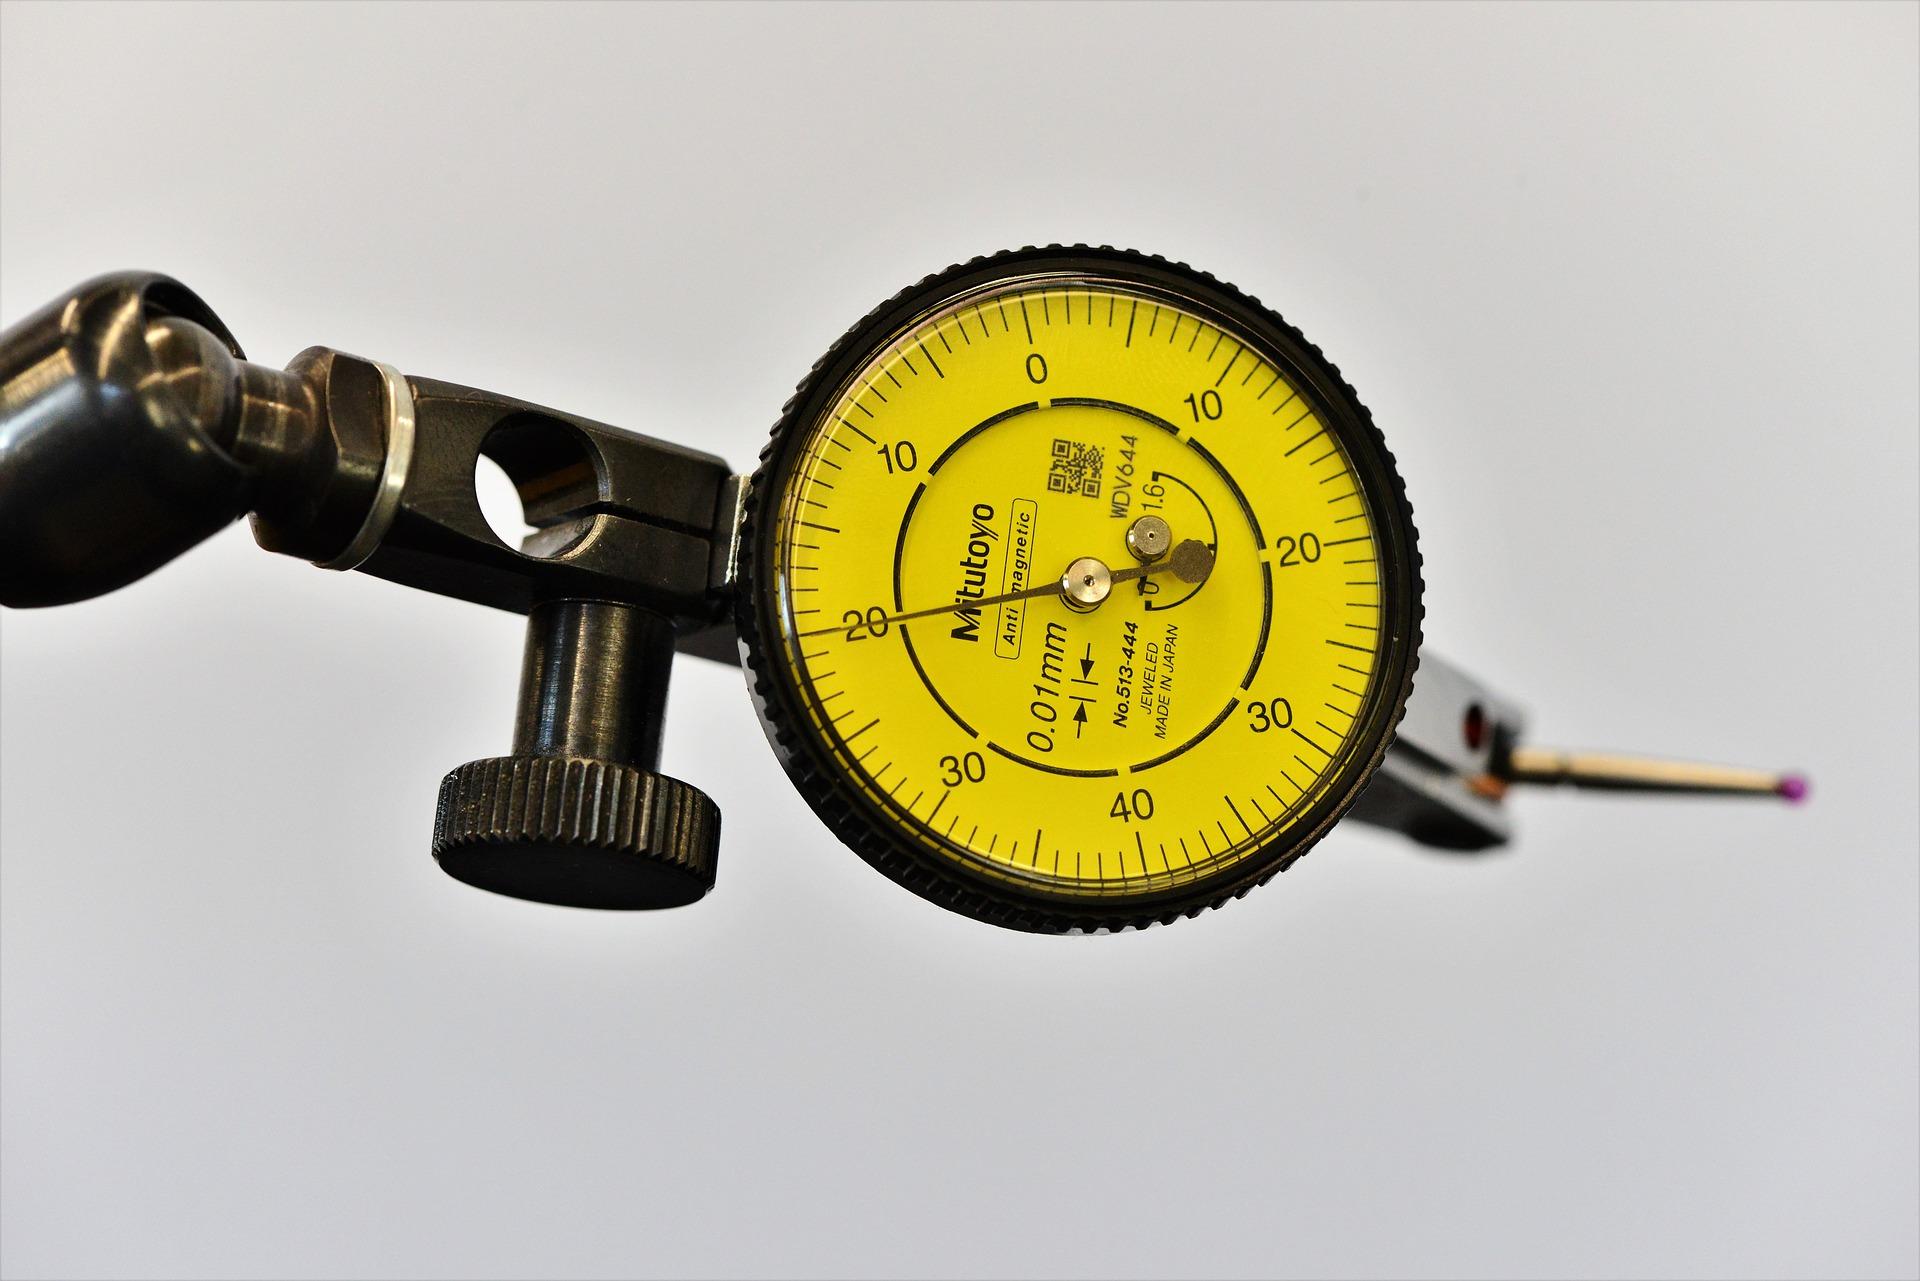 gauge-3078292_1920.jpg